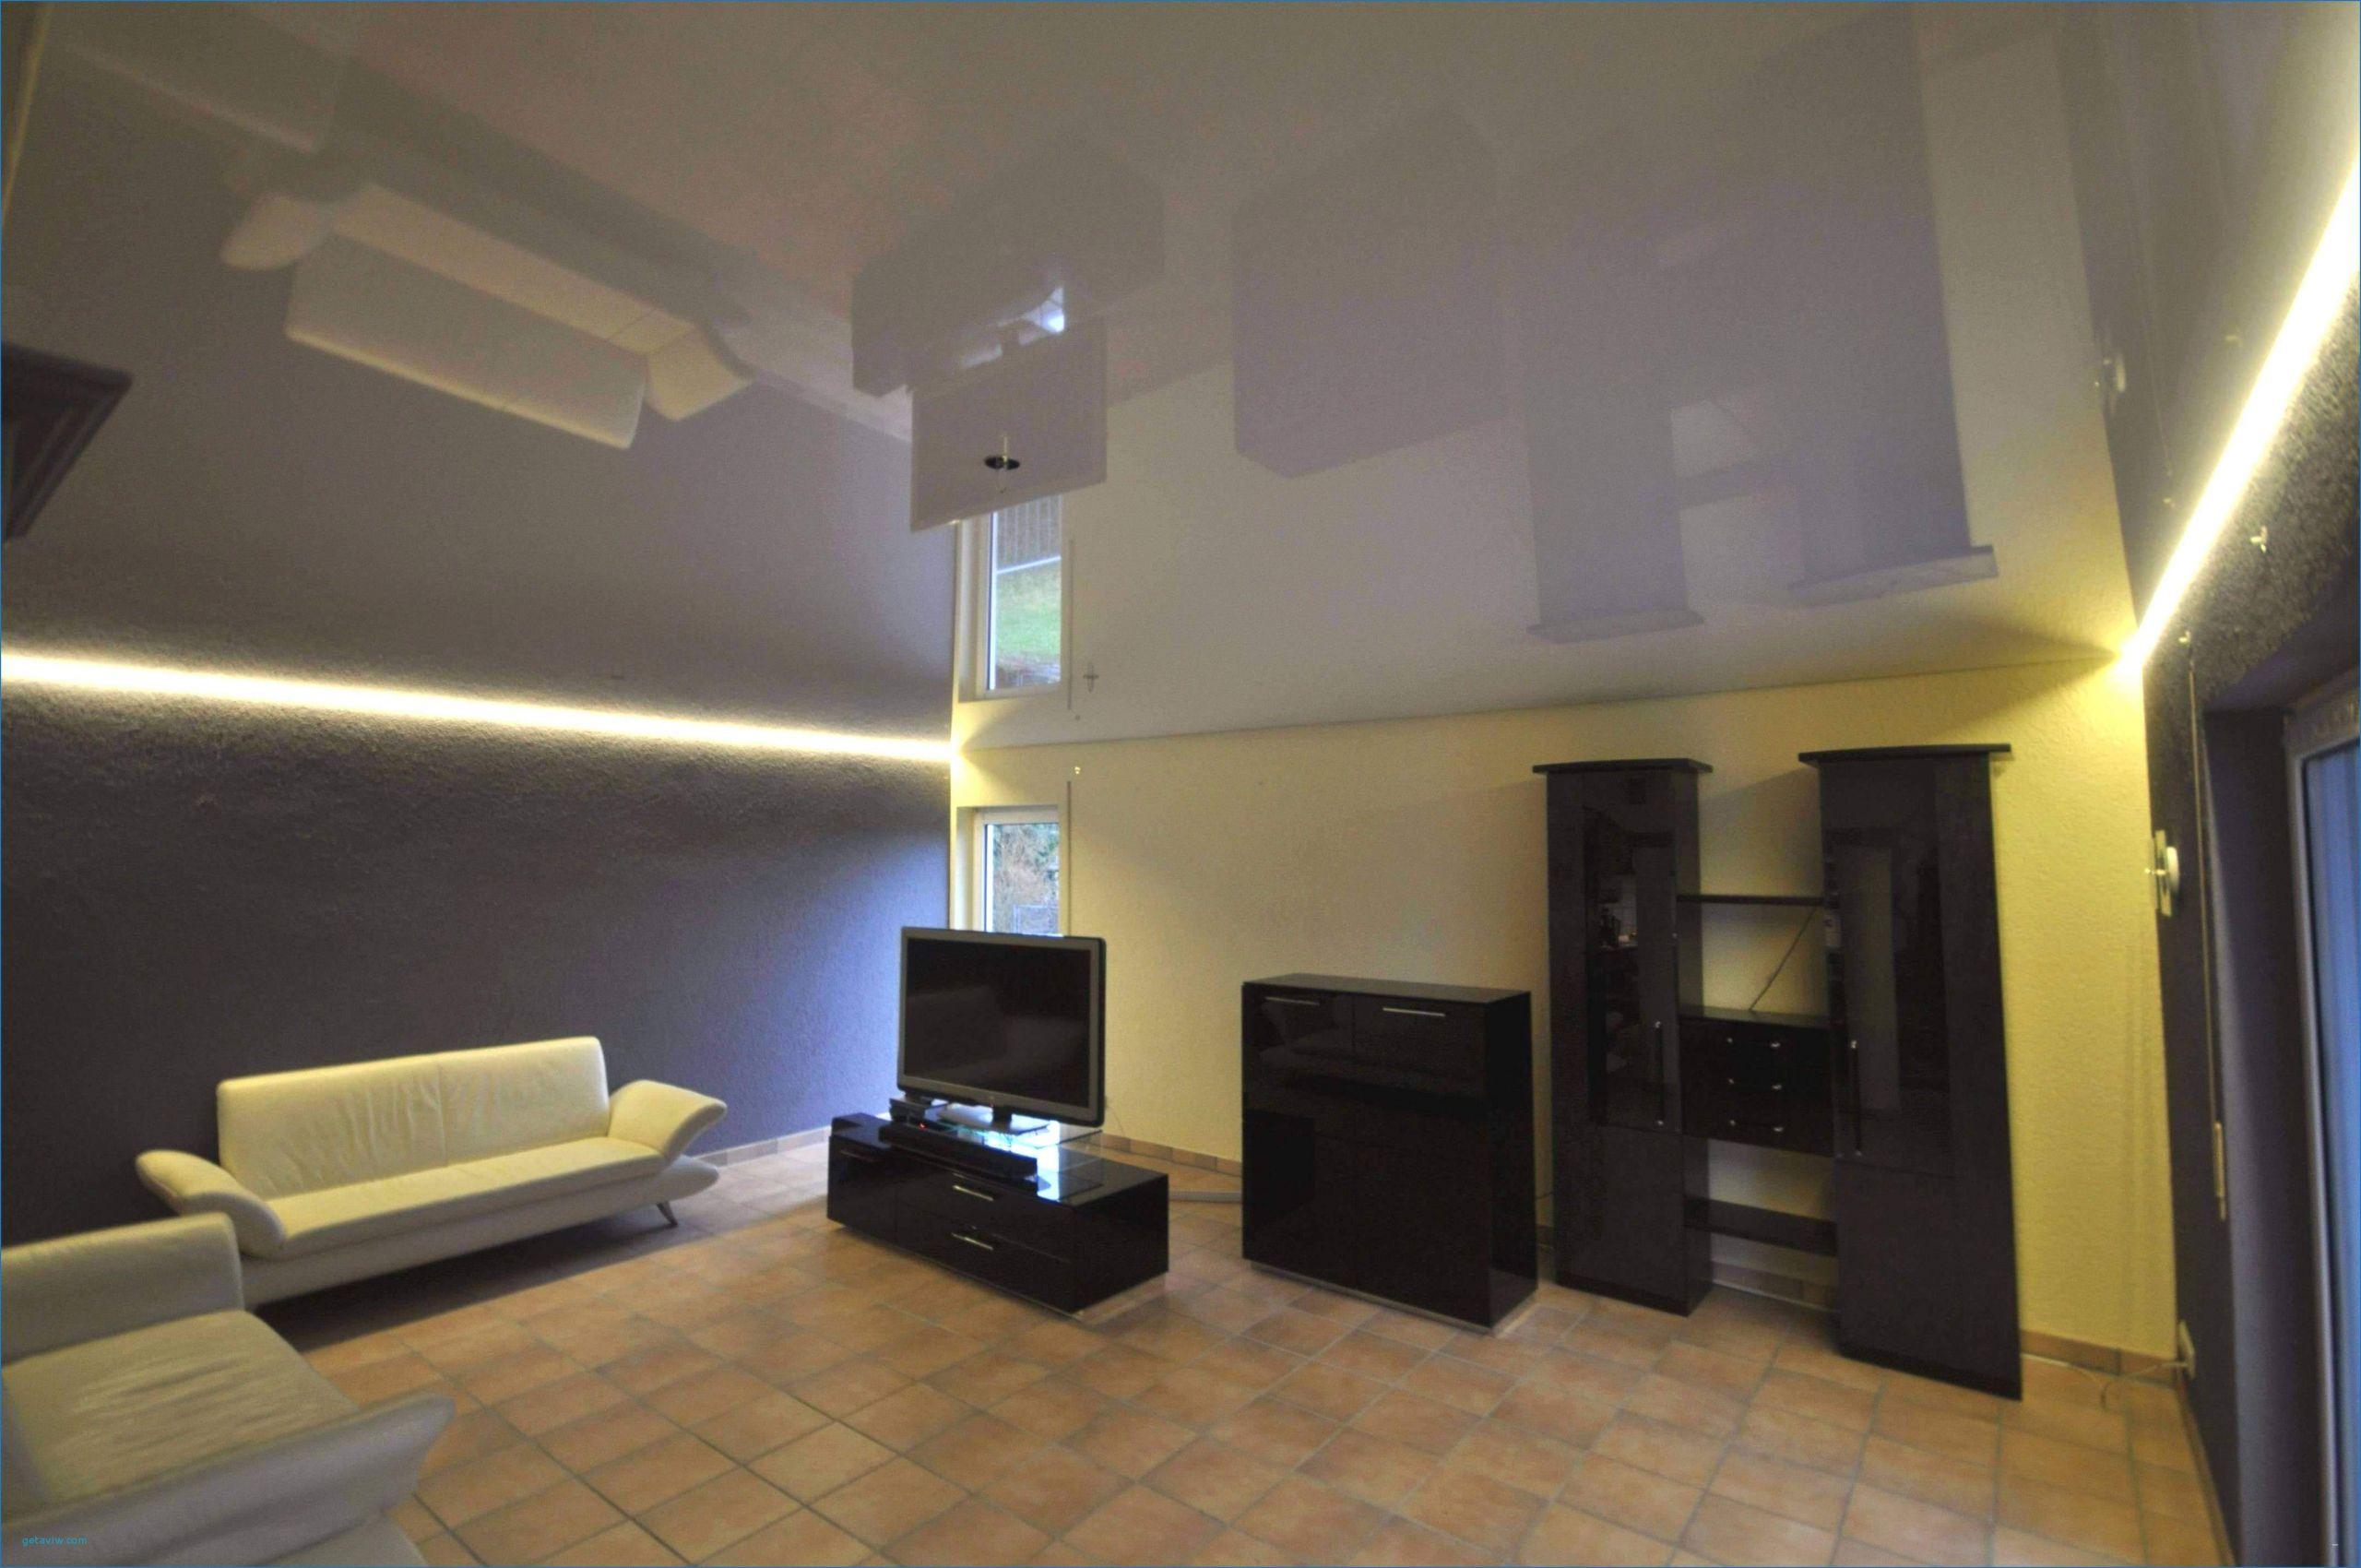 Full Size of Schöne Wohnzimmer Decken Moderne Wohnzimmer Decken Wohnzimmer Decken Beispiel Wohnzimmer Decken Gestalten Wohnzimmer Wohnzimmer Decken